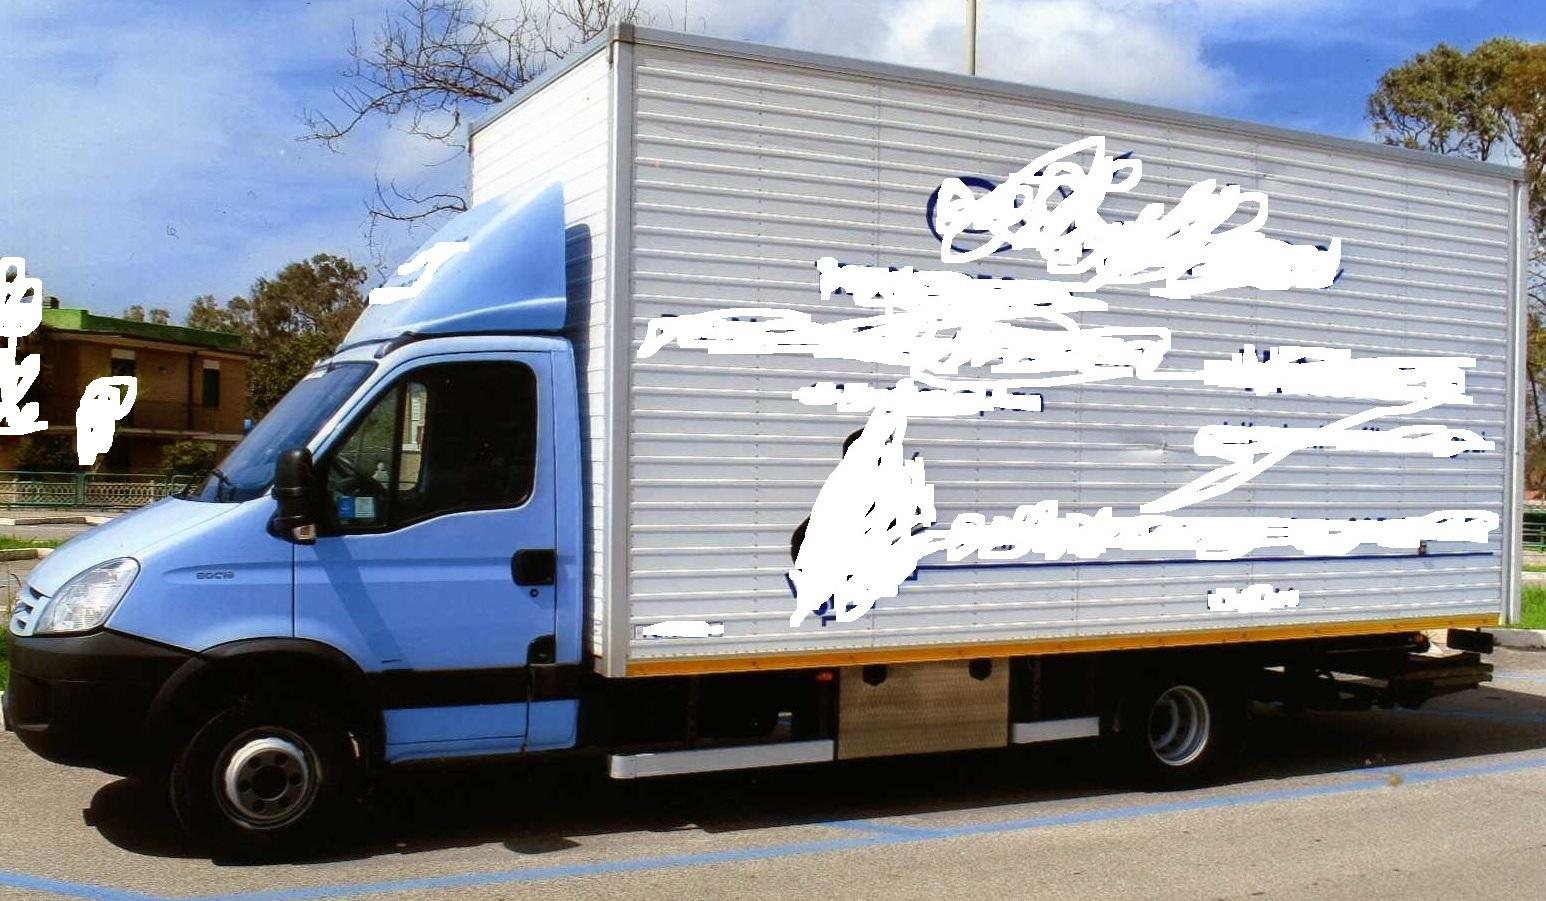 Freemoto - Sprzedam Iveco Daily 65c18 60c18 (2007) Euro 4 z winda, tachograf